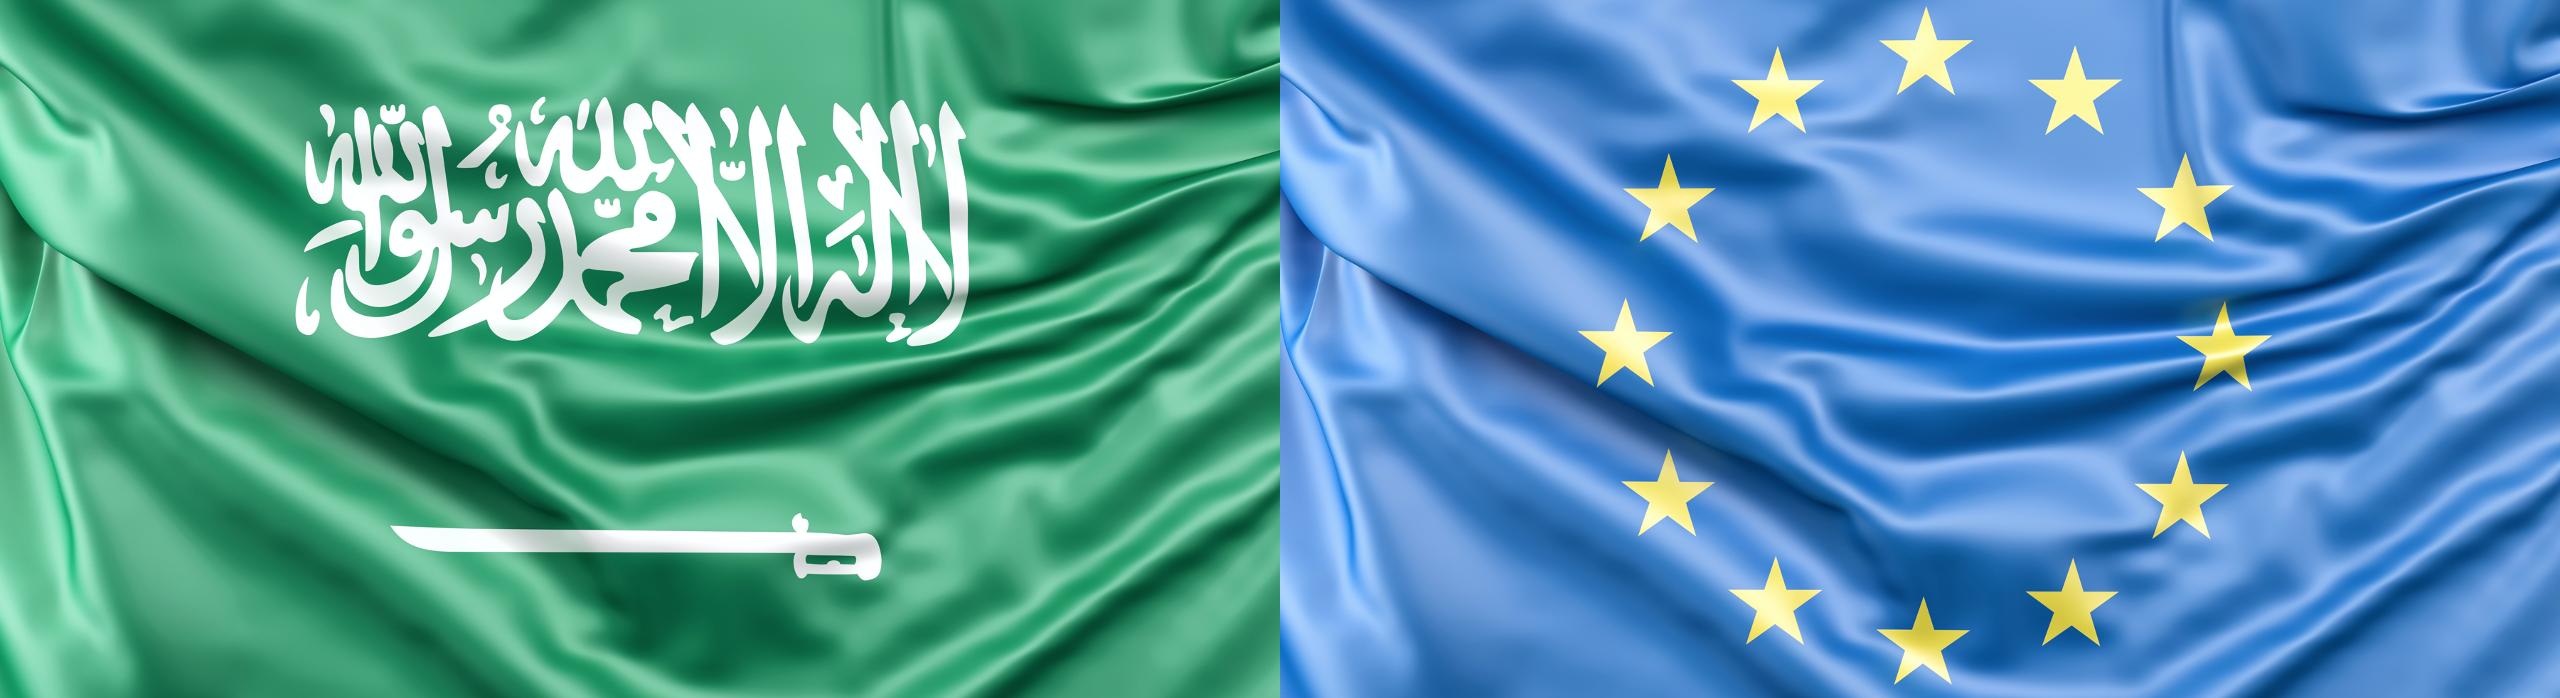 Europäisch saudische Beziehungen Interesse strategische Gefahr العلاقات السعودية الأوروبية مصالح مشتركة أم خطر إستراتيجي؟